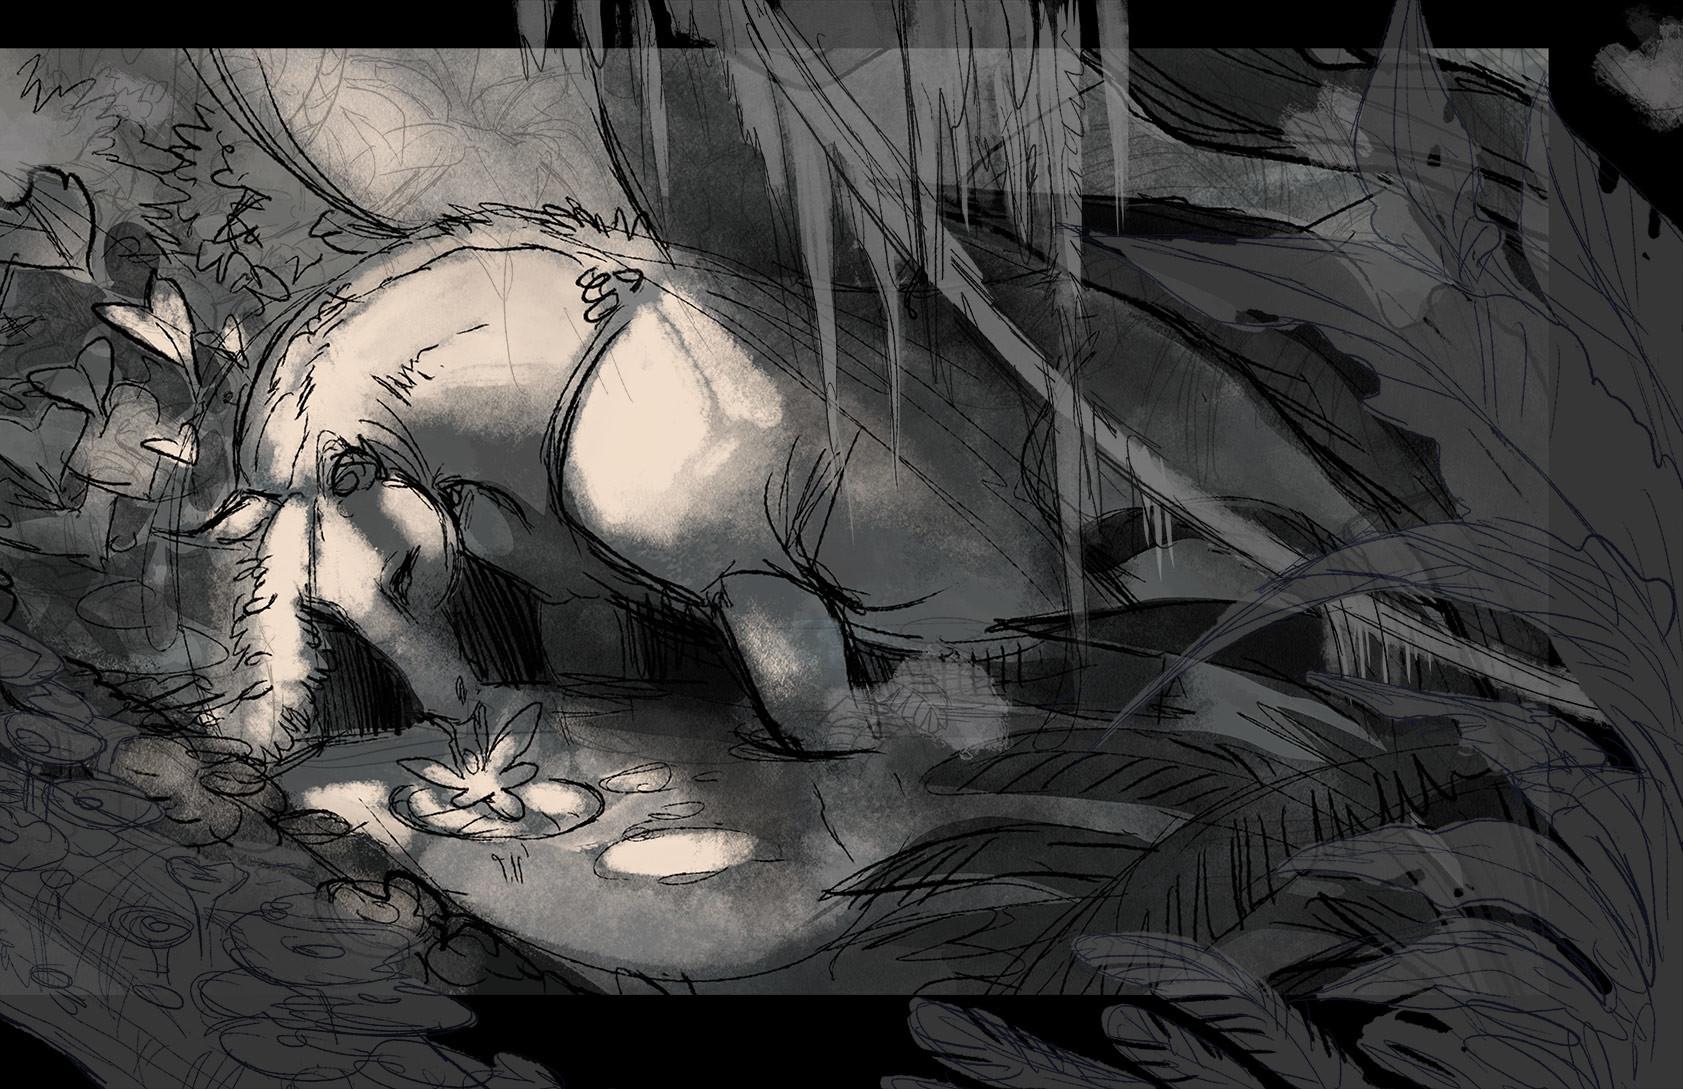 Maricela ugarte pena liasgarden concept1